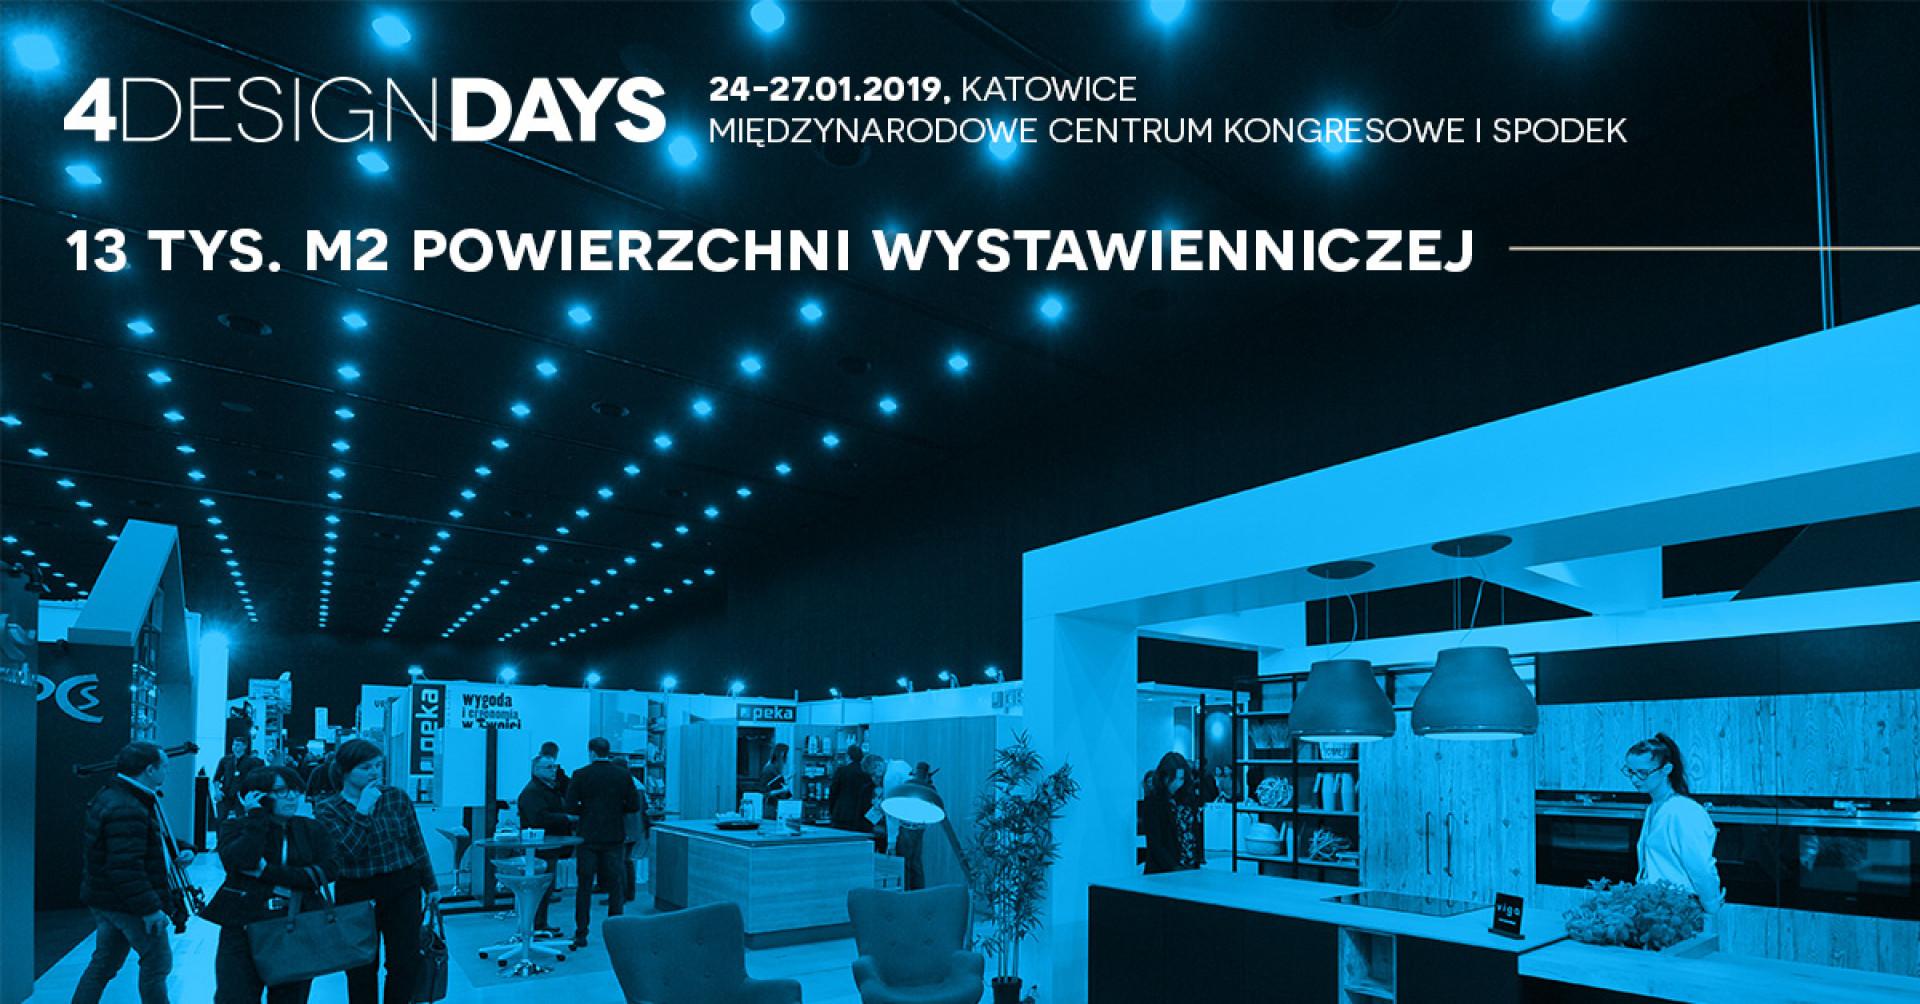 IV edycja 4 Design Days odbędzie się 24-27 stycznia 2019 roku w katowickim Międzynarodowym Centrum Kongresowym i Spodku.